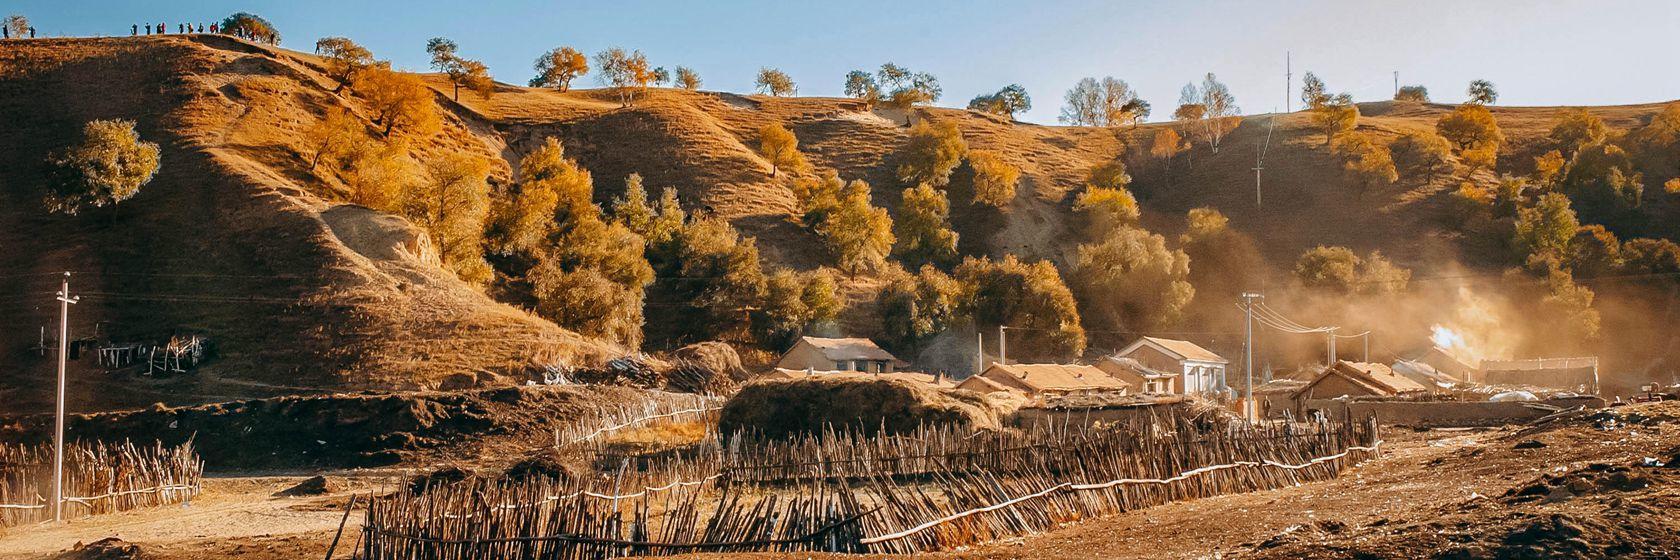 金色的秋天 自驾塞罕坝,大草原寻秋之旅